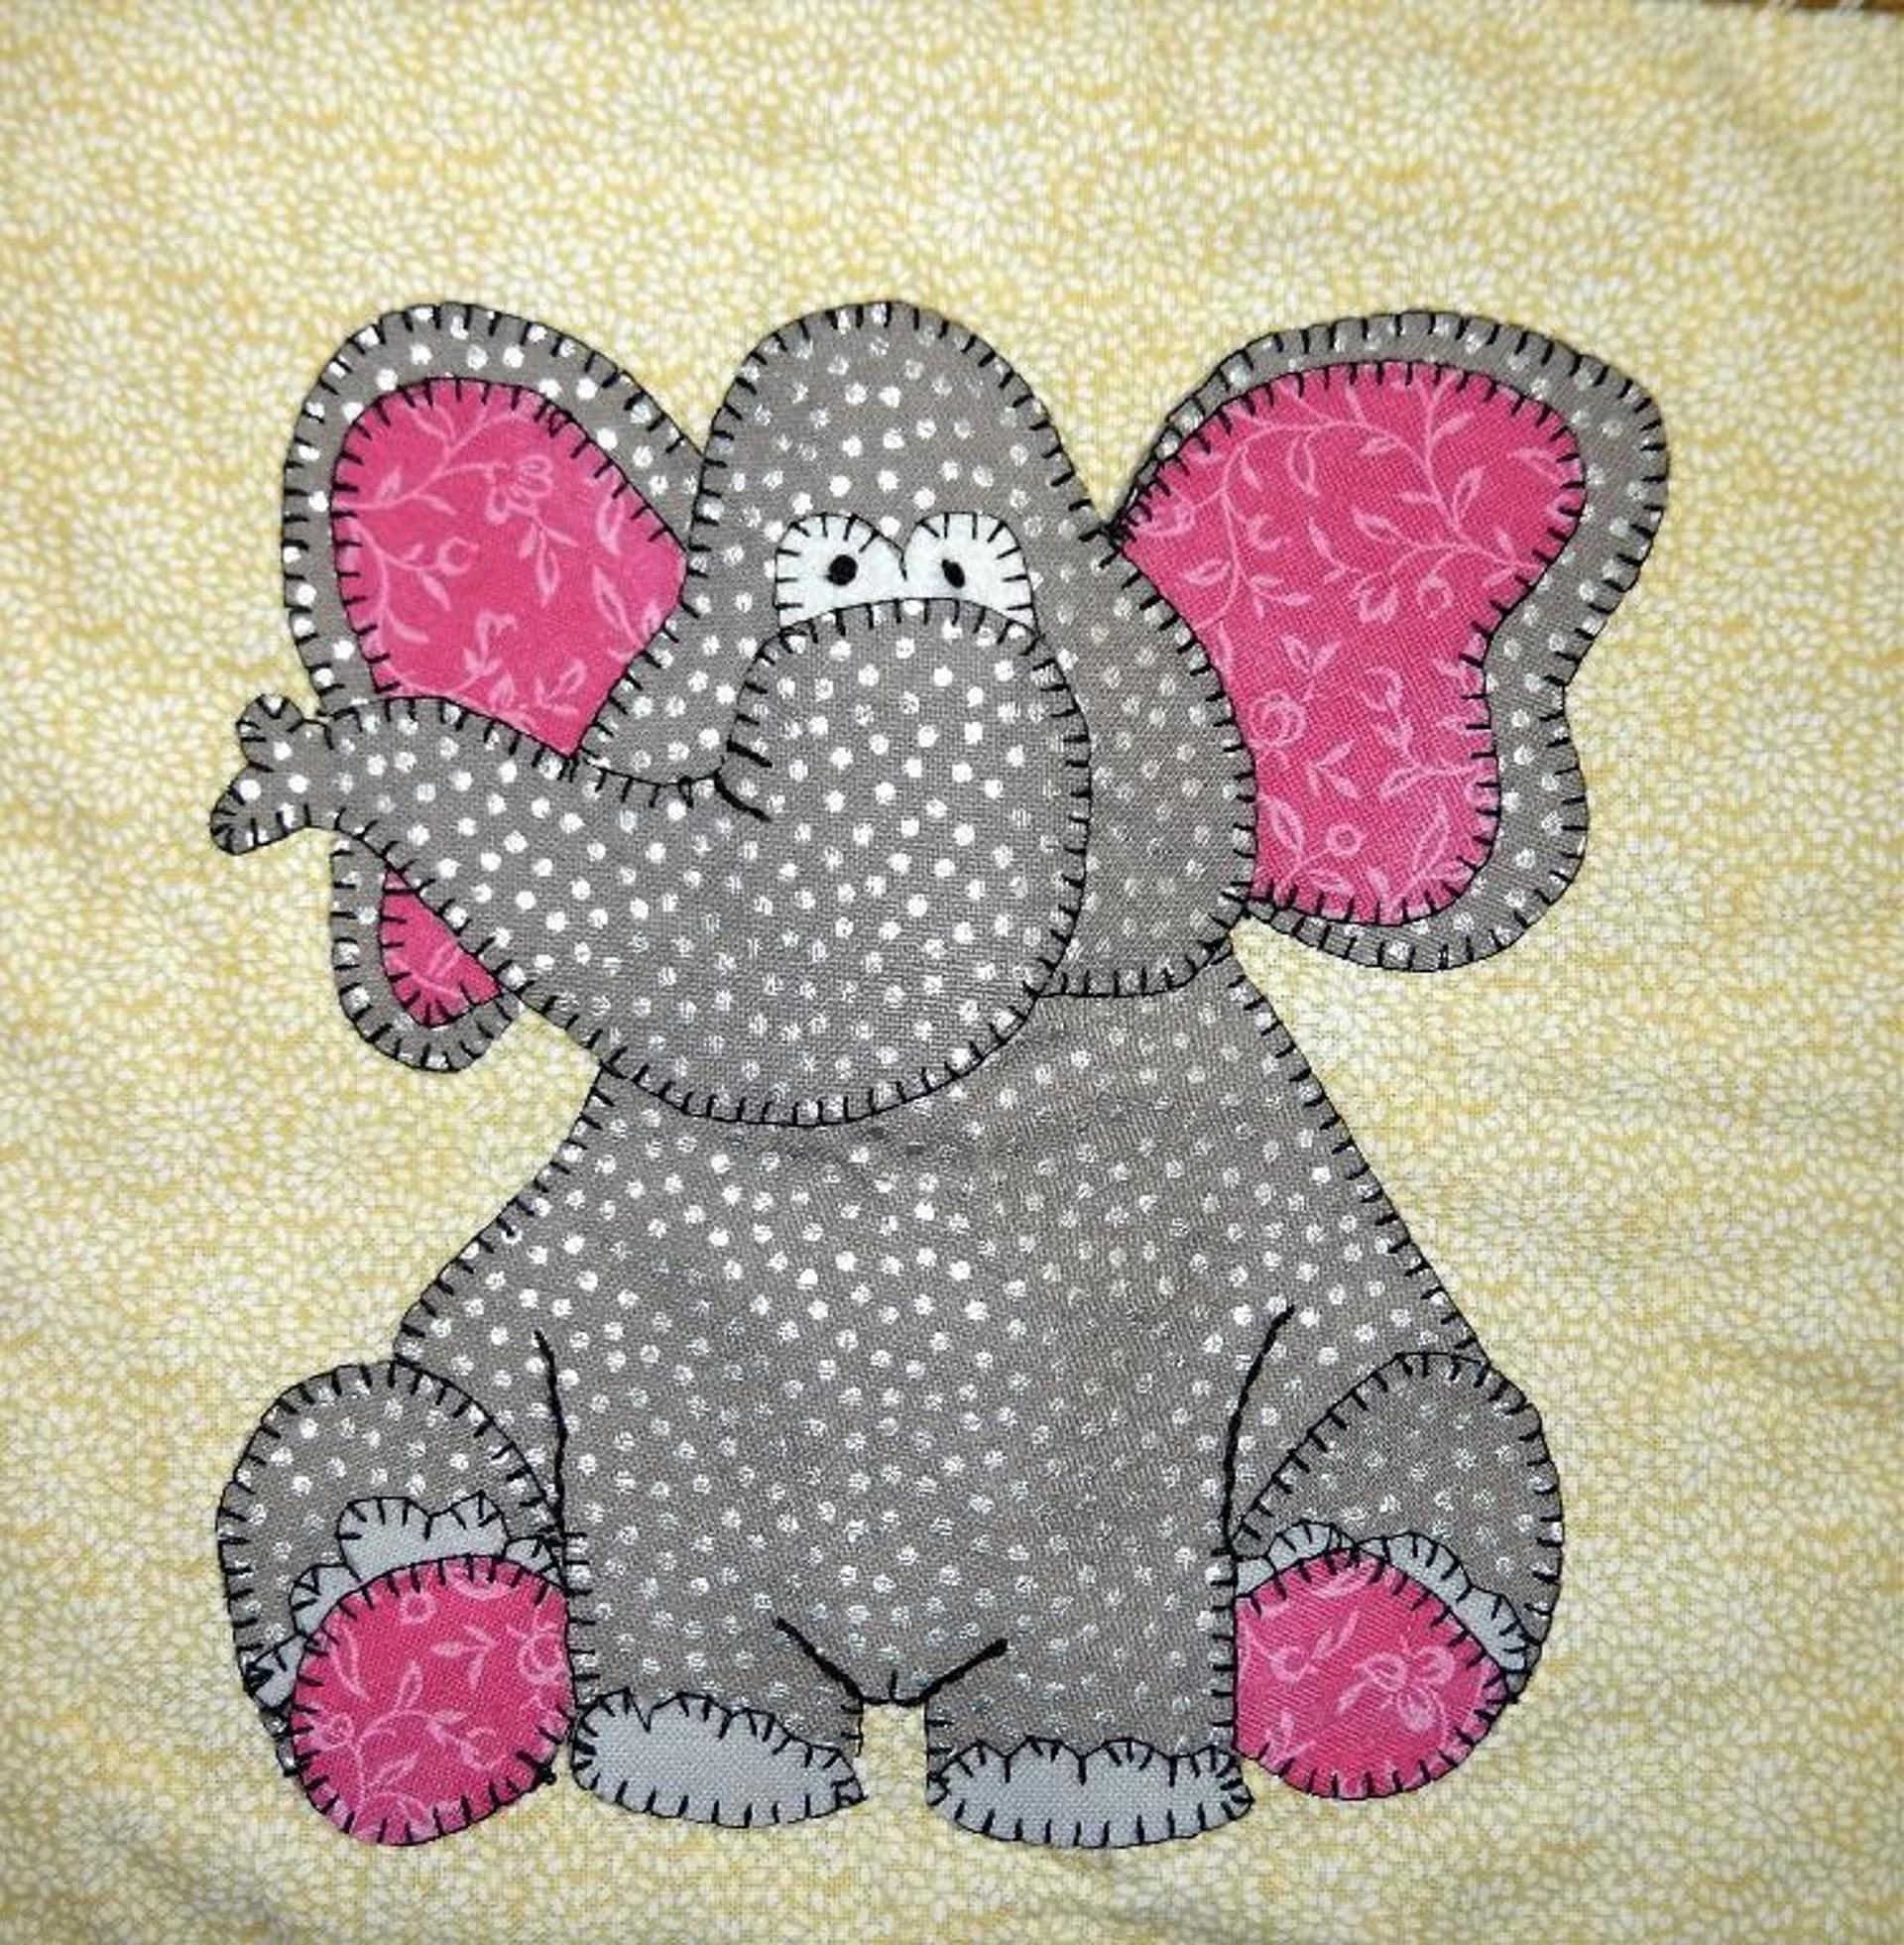 2380a4e5f1ad4d Elephant (African) Applique Quilt Block